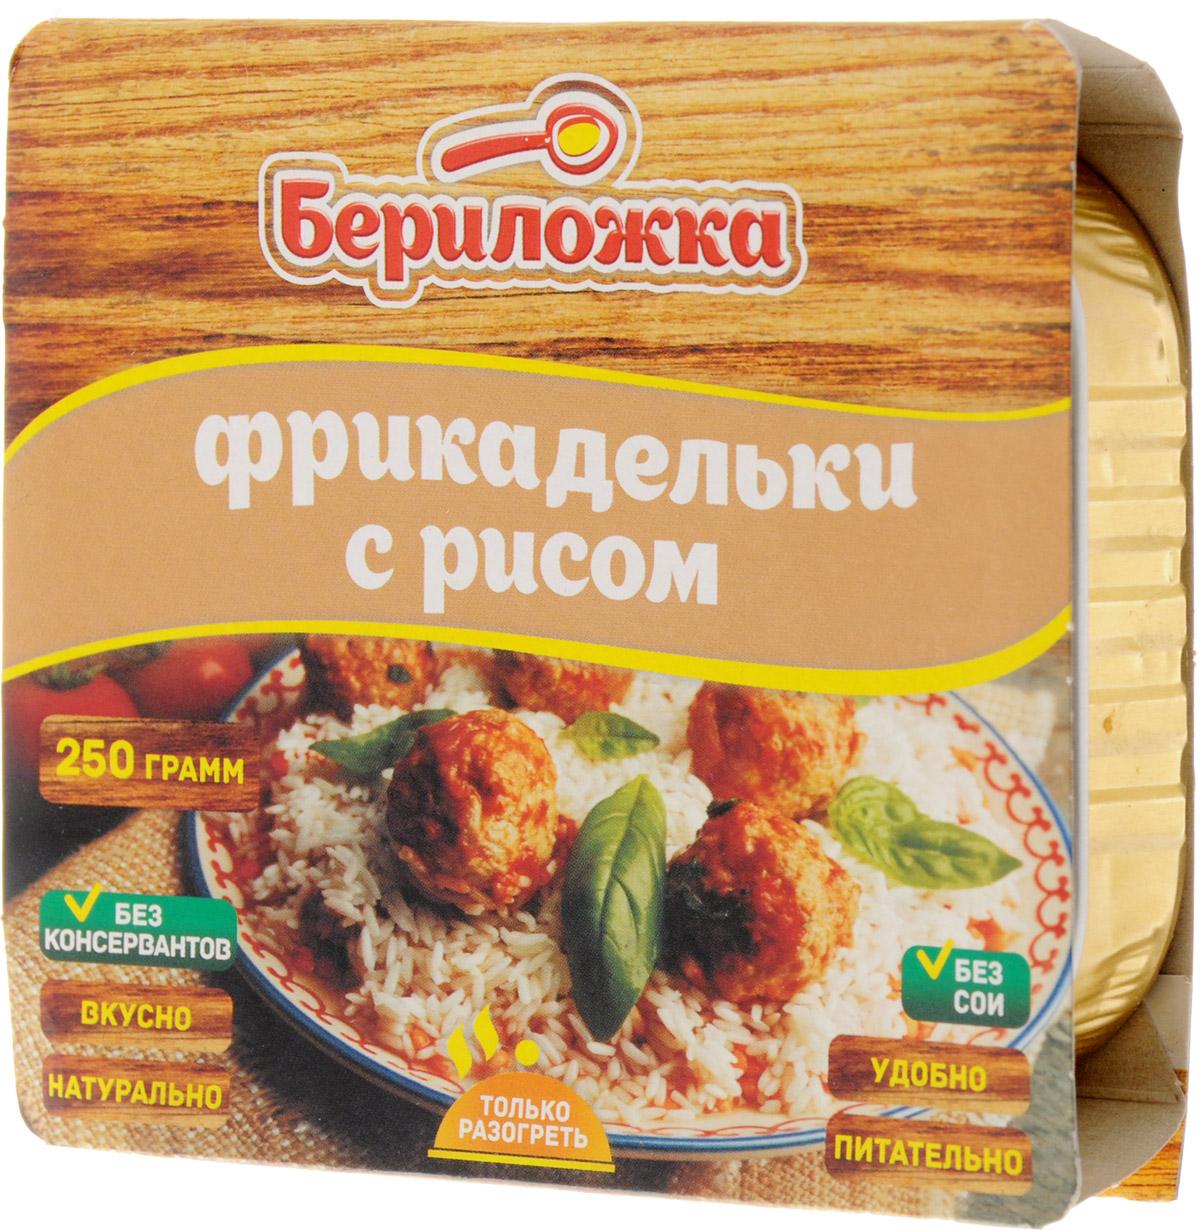 Бериложка фрикадельки с рисом, 250 г0120710Фрикадельки с рисом Бериложка - стерилизованные мясорастительные консервы. Вкусно, натурально, удобно и питательно.Без консервантов, без сои. Продукт не содержит ГМО!Уважаемые клиенты! Обращаем ваше внимание, что полный перечень состава продукта представлен на дополнительном изображении.